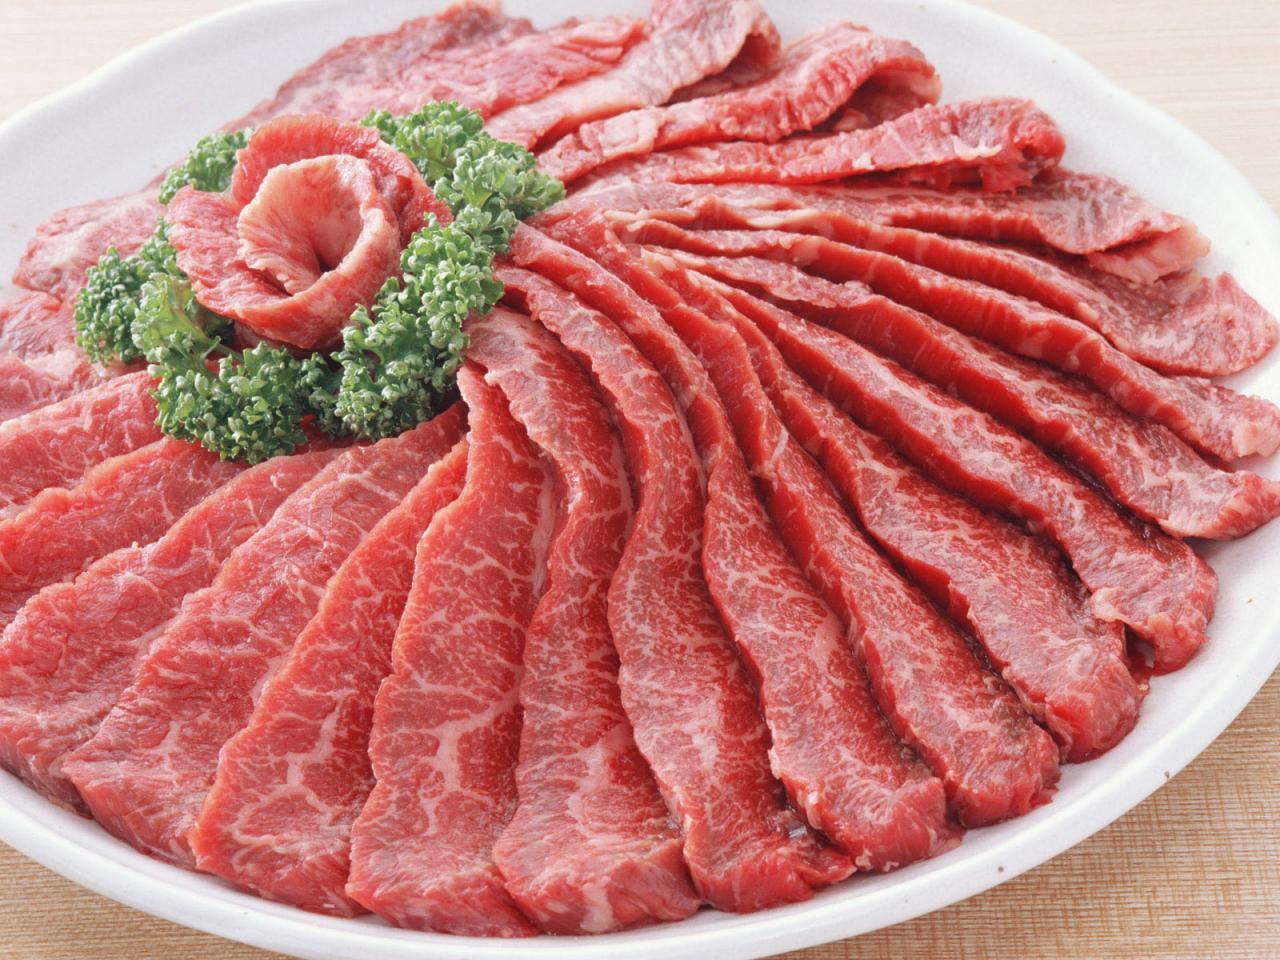 صور انواع اللحوم الحمراء , تعرف على انواع اللحوم بالتفصيل